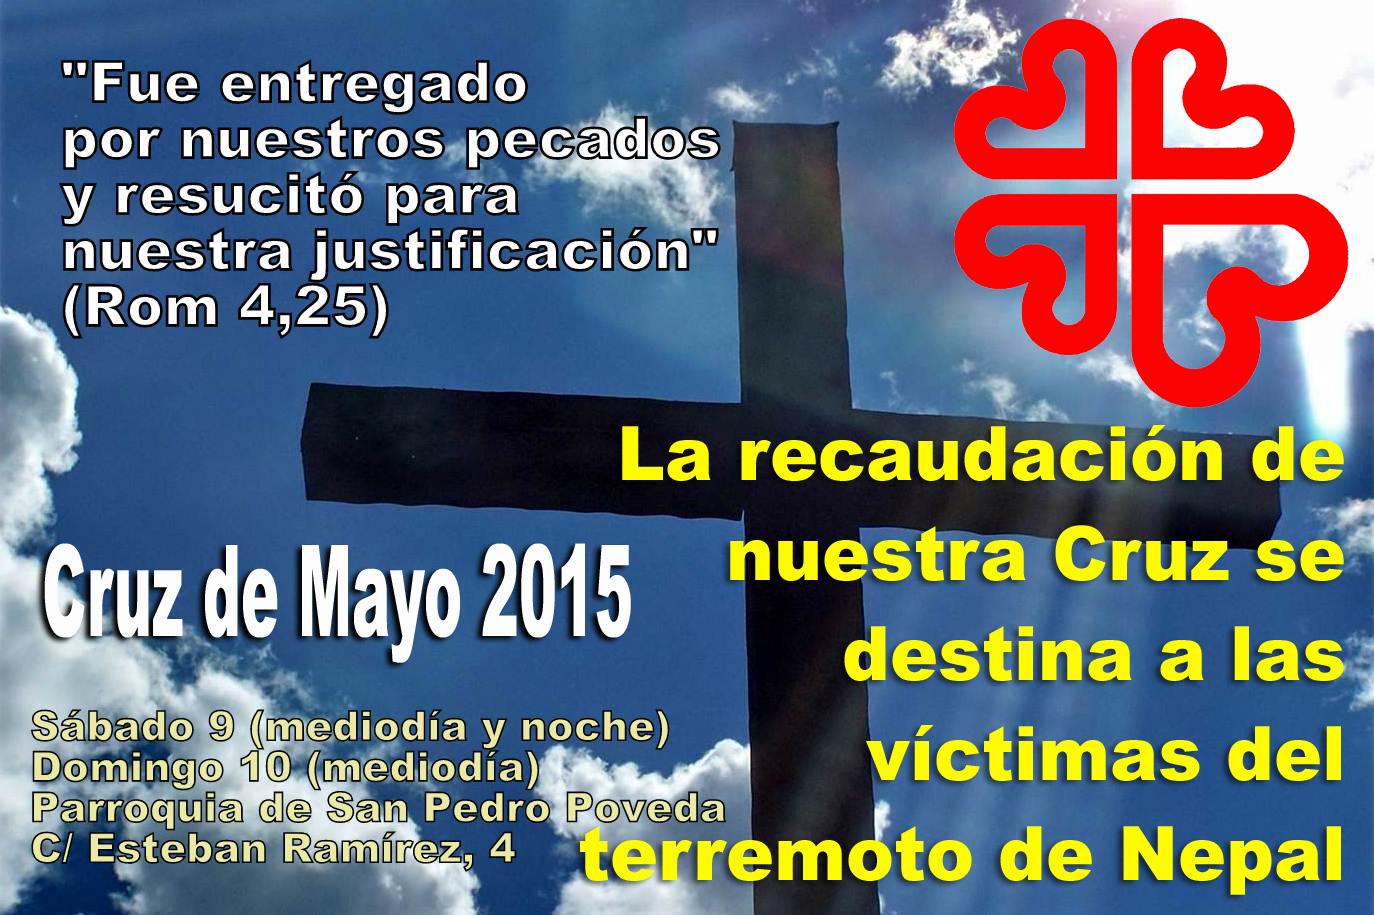 La Parroquia de San Pedro Poveda destinará la recaudación de la Cruz de Mayo para Nepal